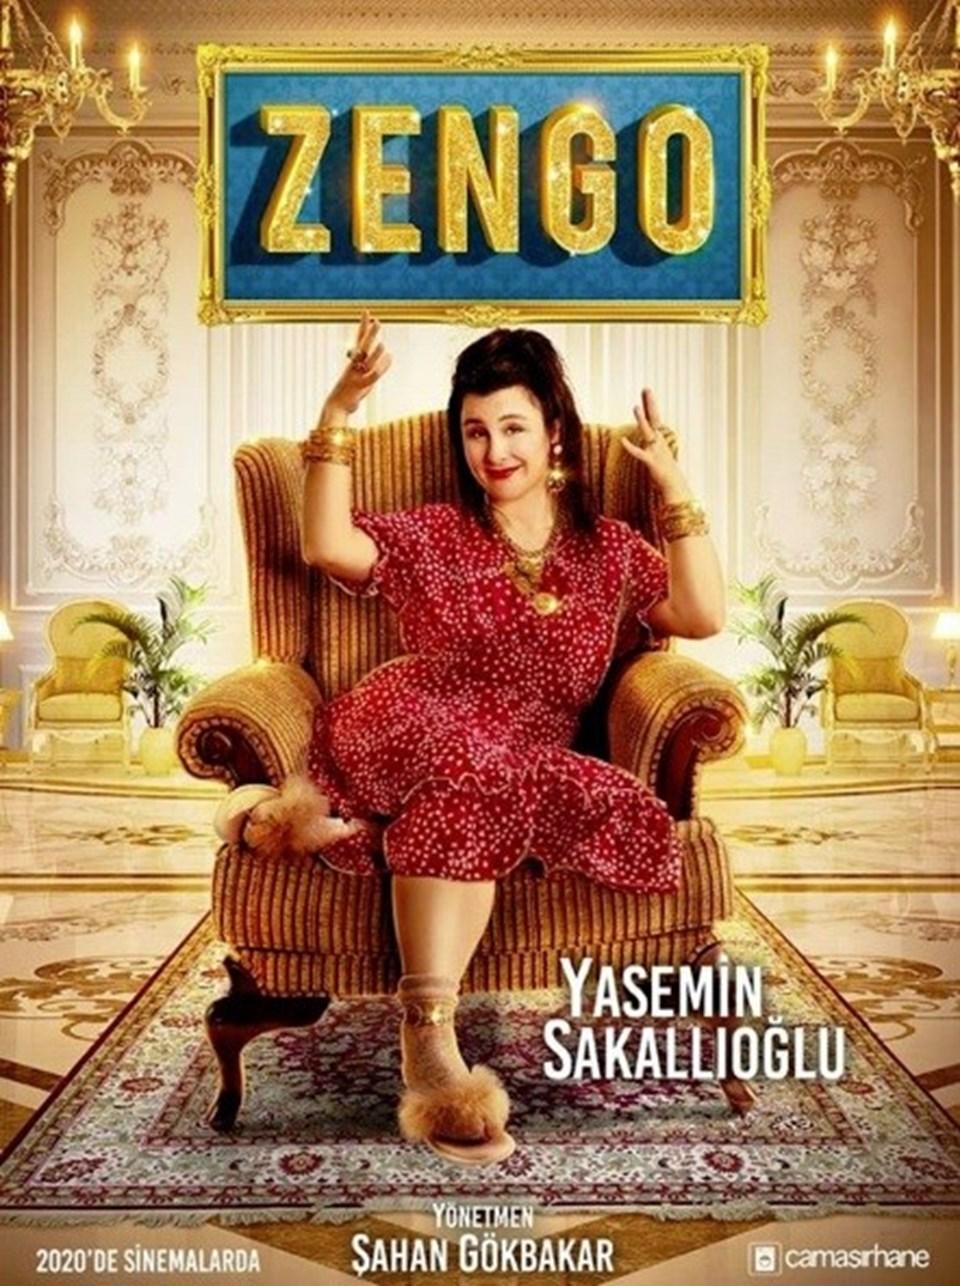 ZENGO afişi ile ilgili görsel sonucu